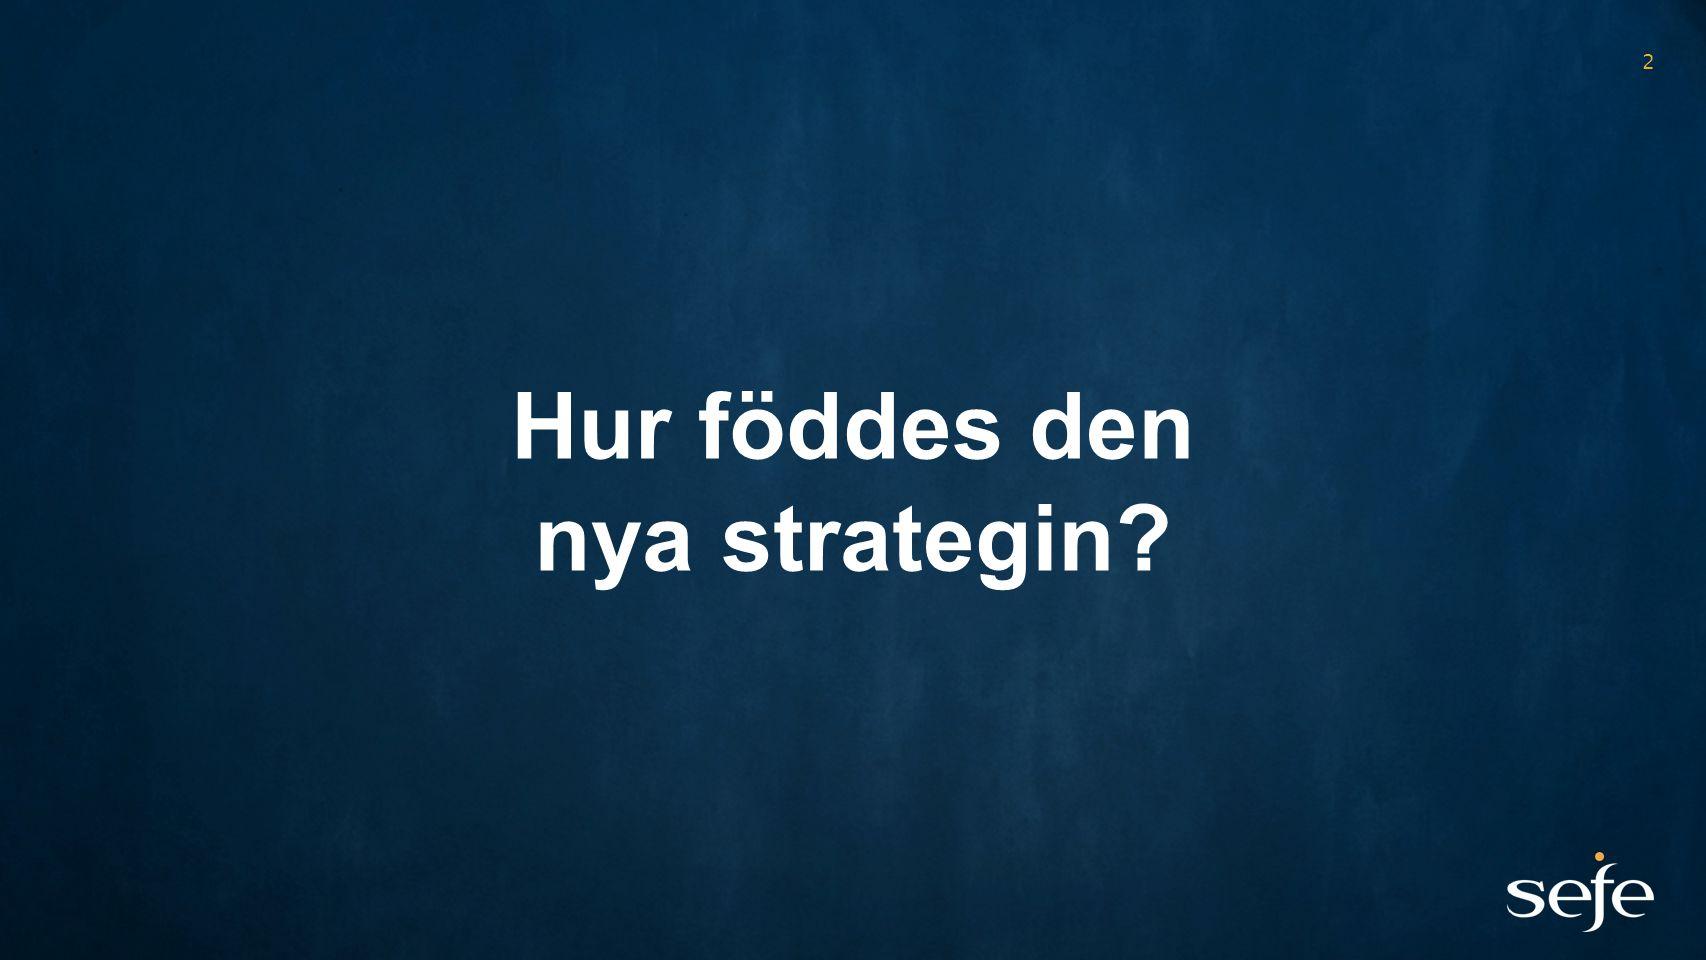 2 Hur föddes den nya strategin?